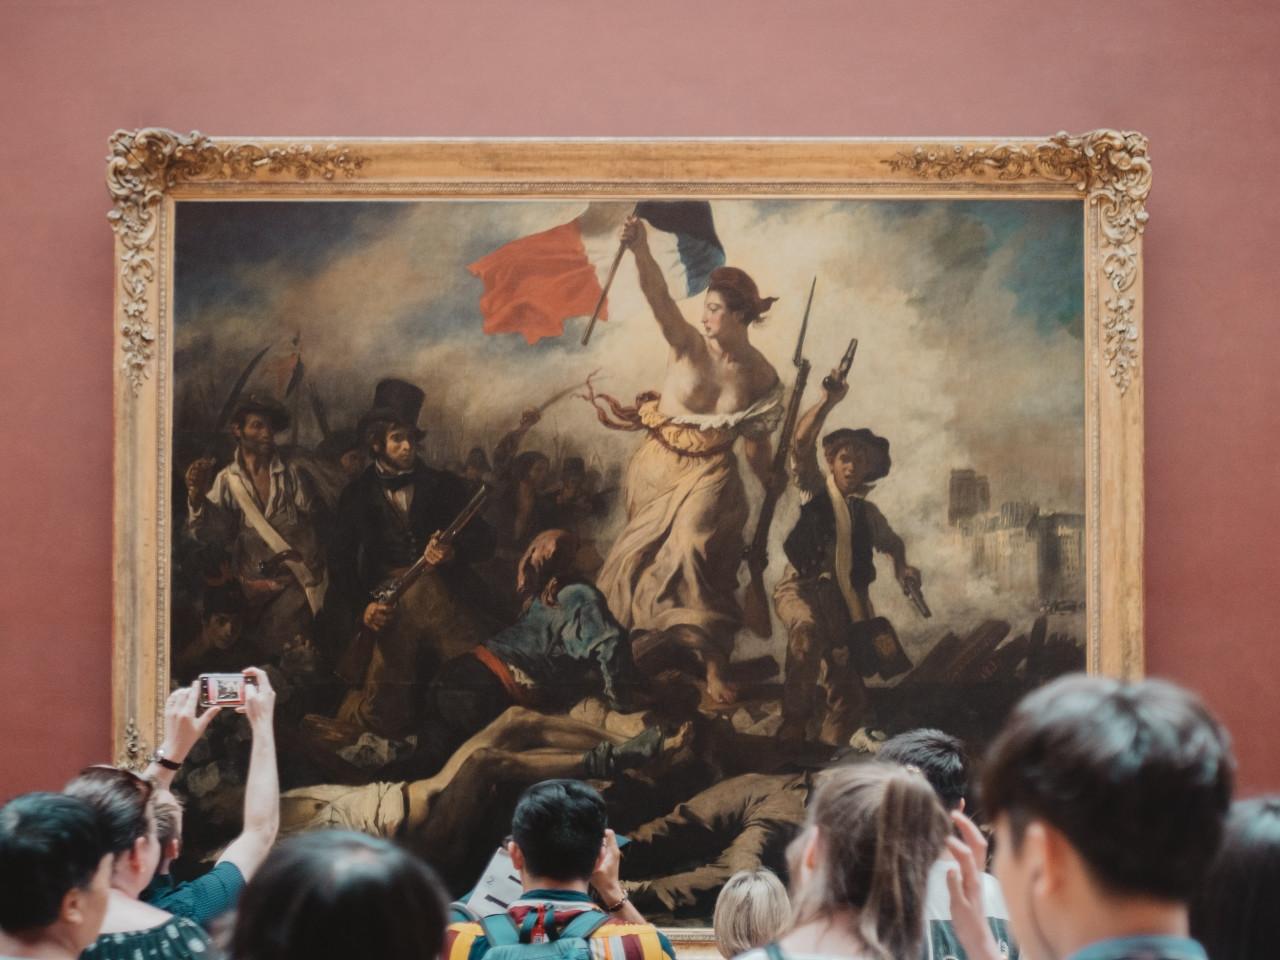 Le opere da vedere assolutamente al Louvre: cosa non perdere al Louvre